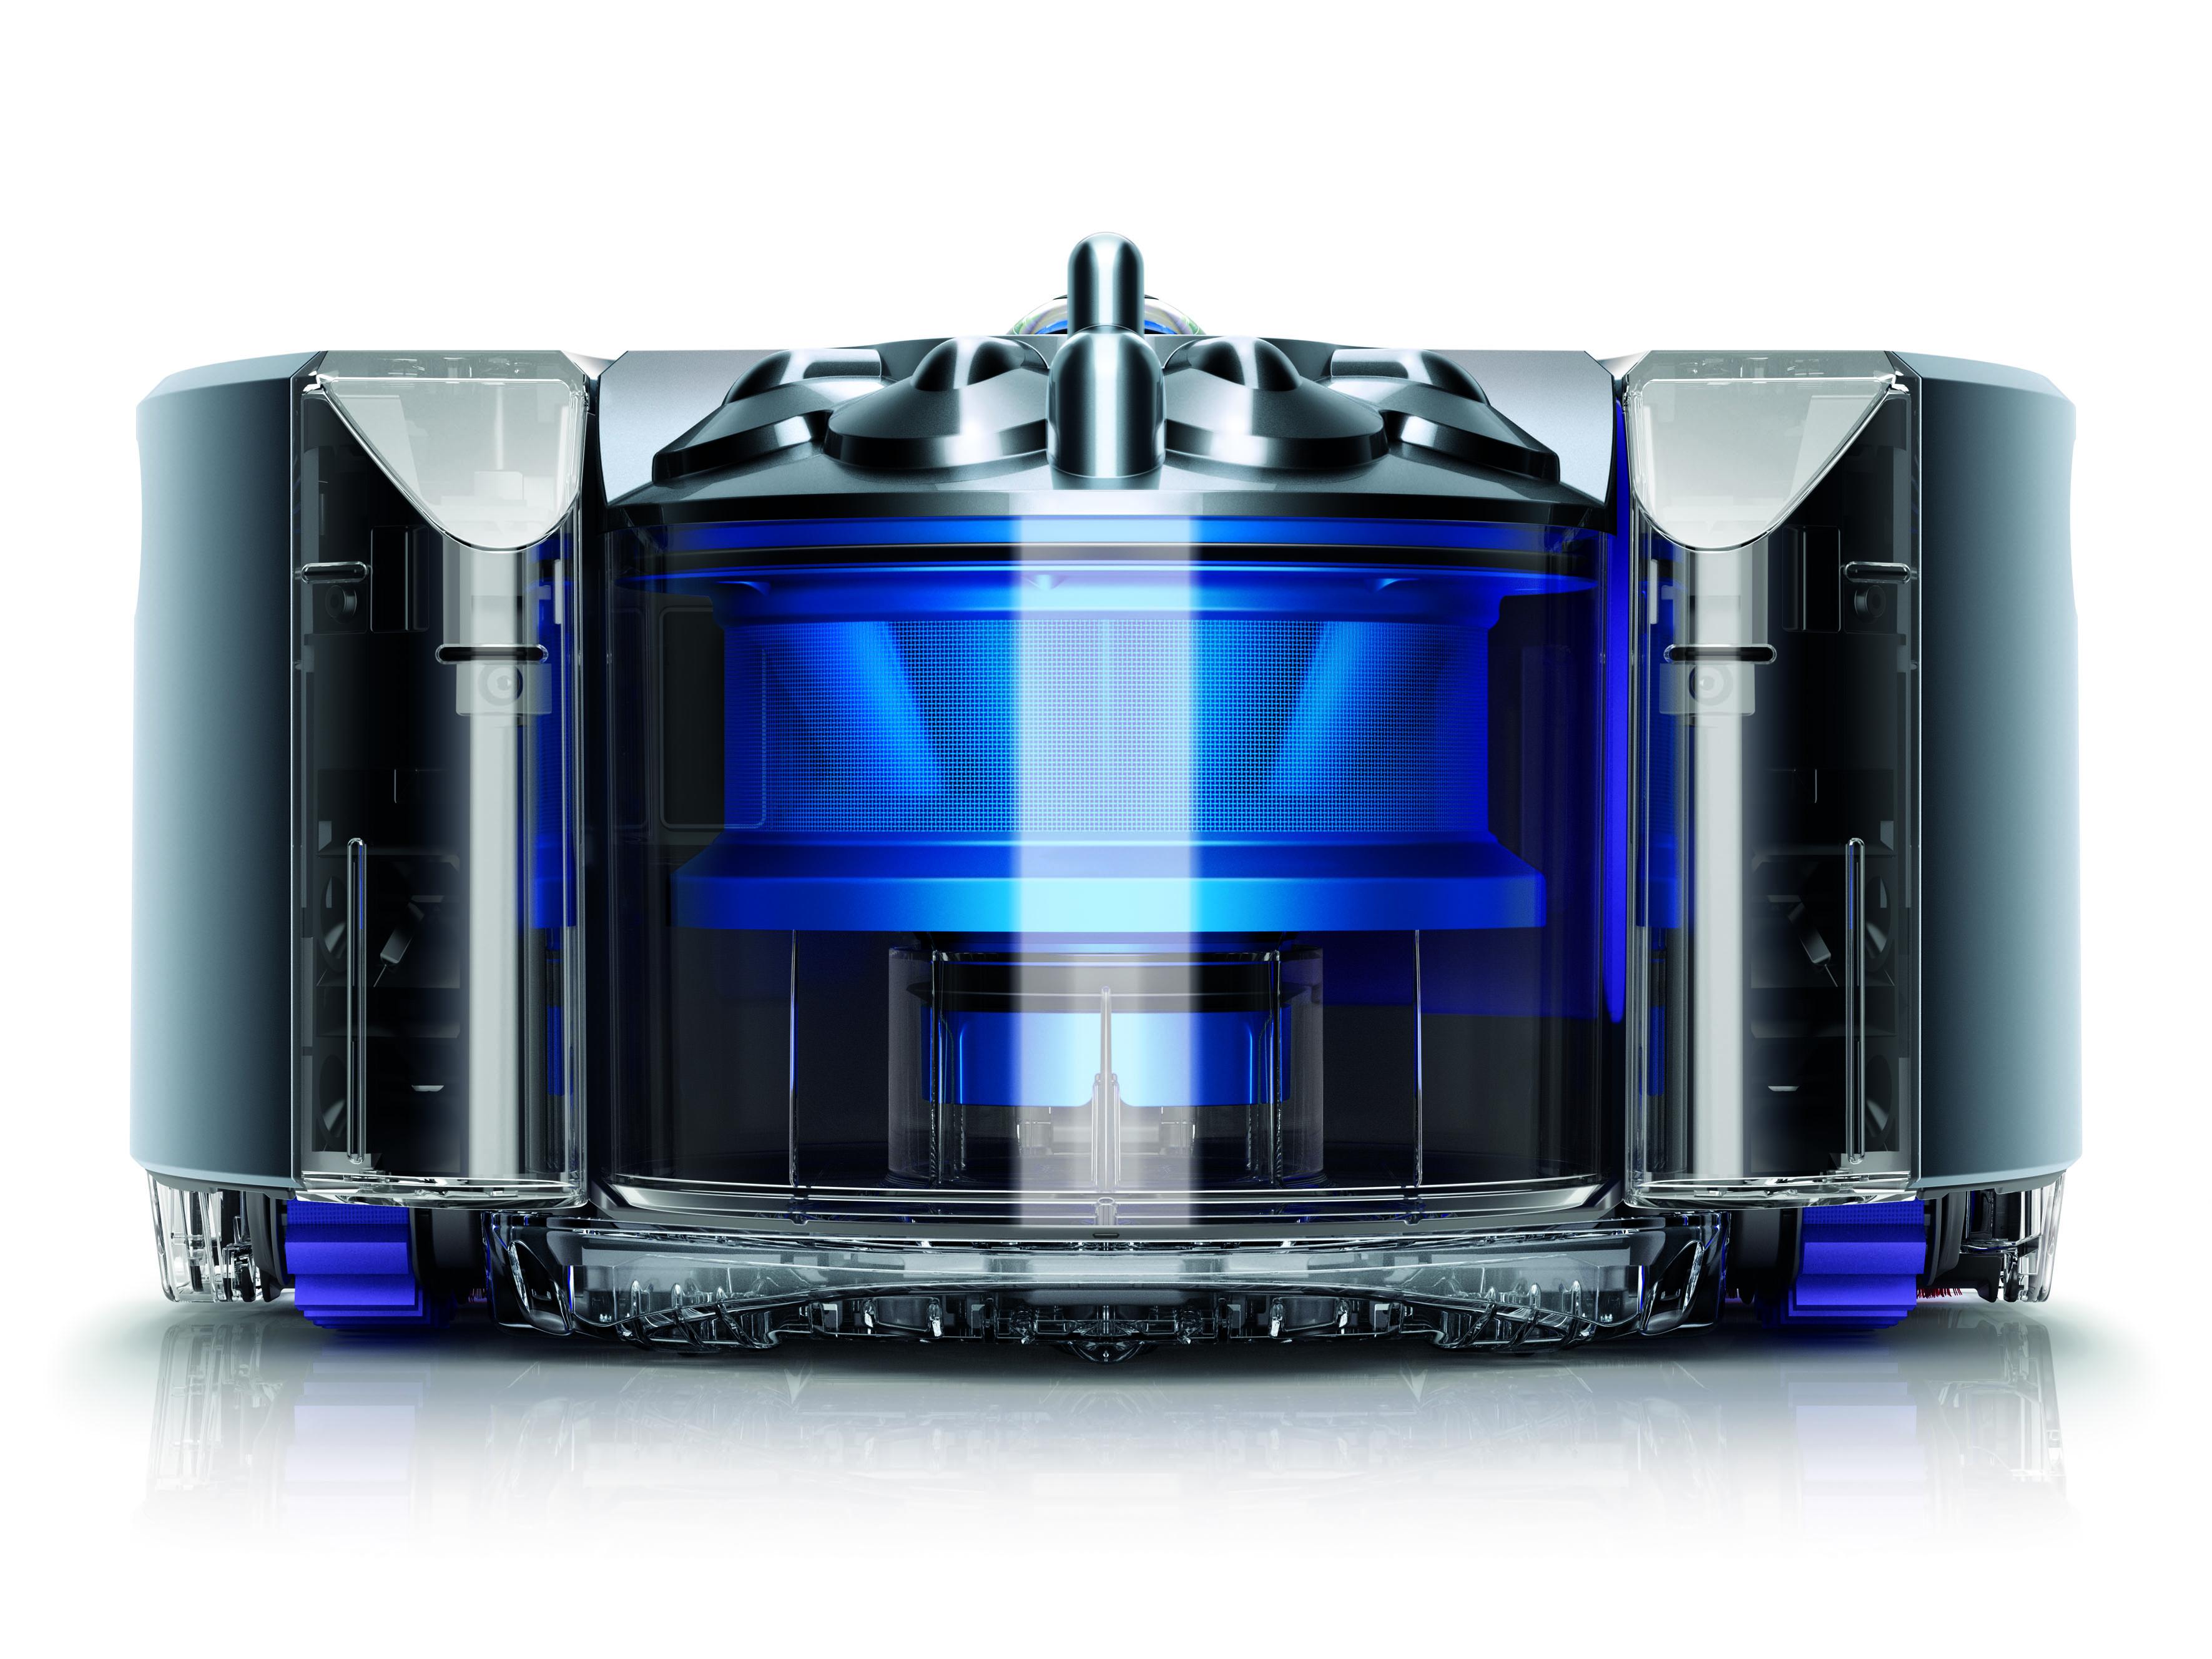 Roboter-Staubsauger von Dyson: Angeblich ist der Elektromotor, der das Auto künftig antreiben soll, schon entwickelt.